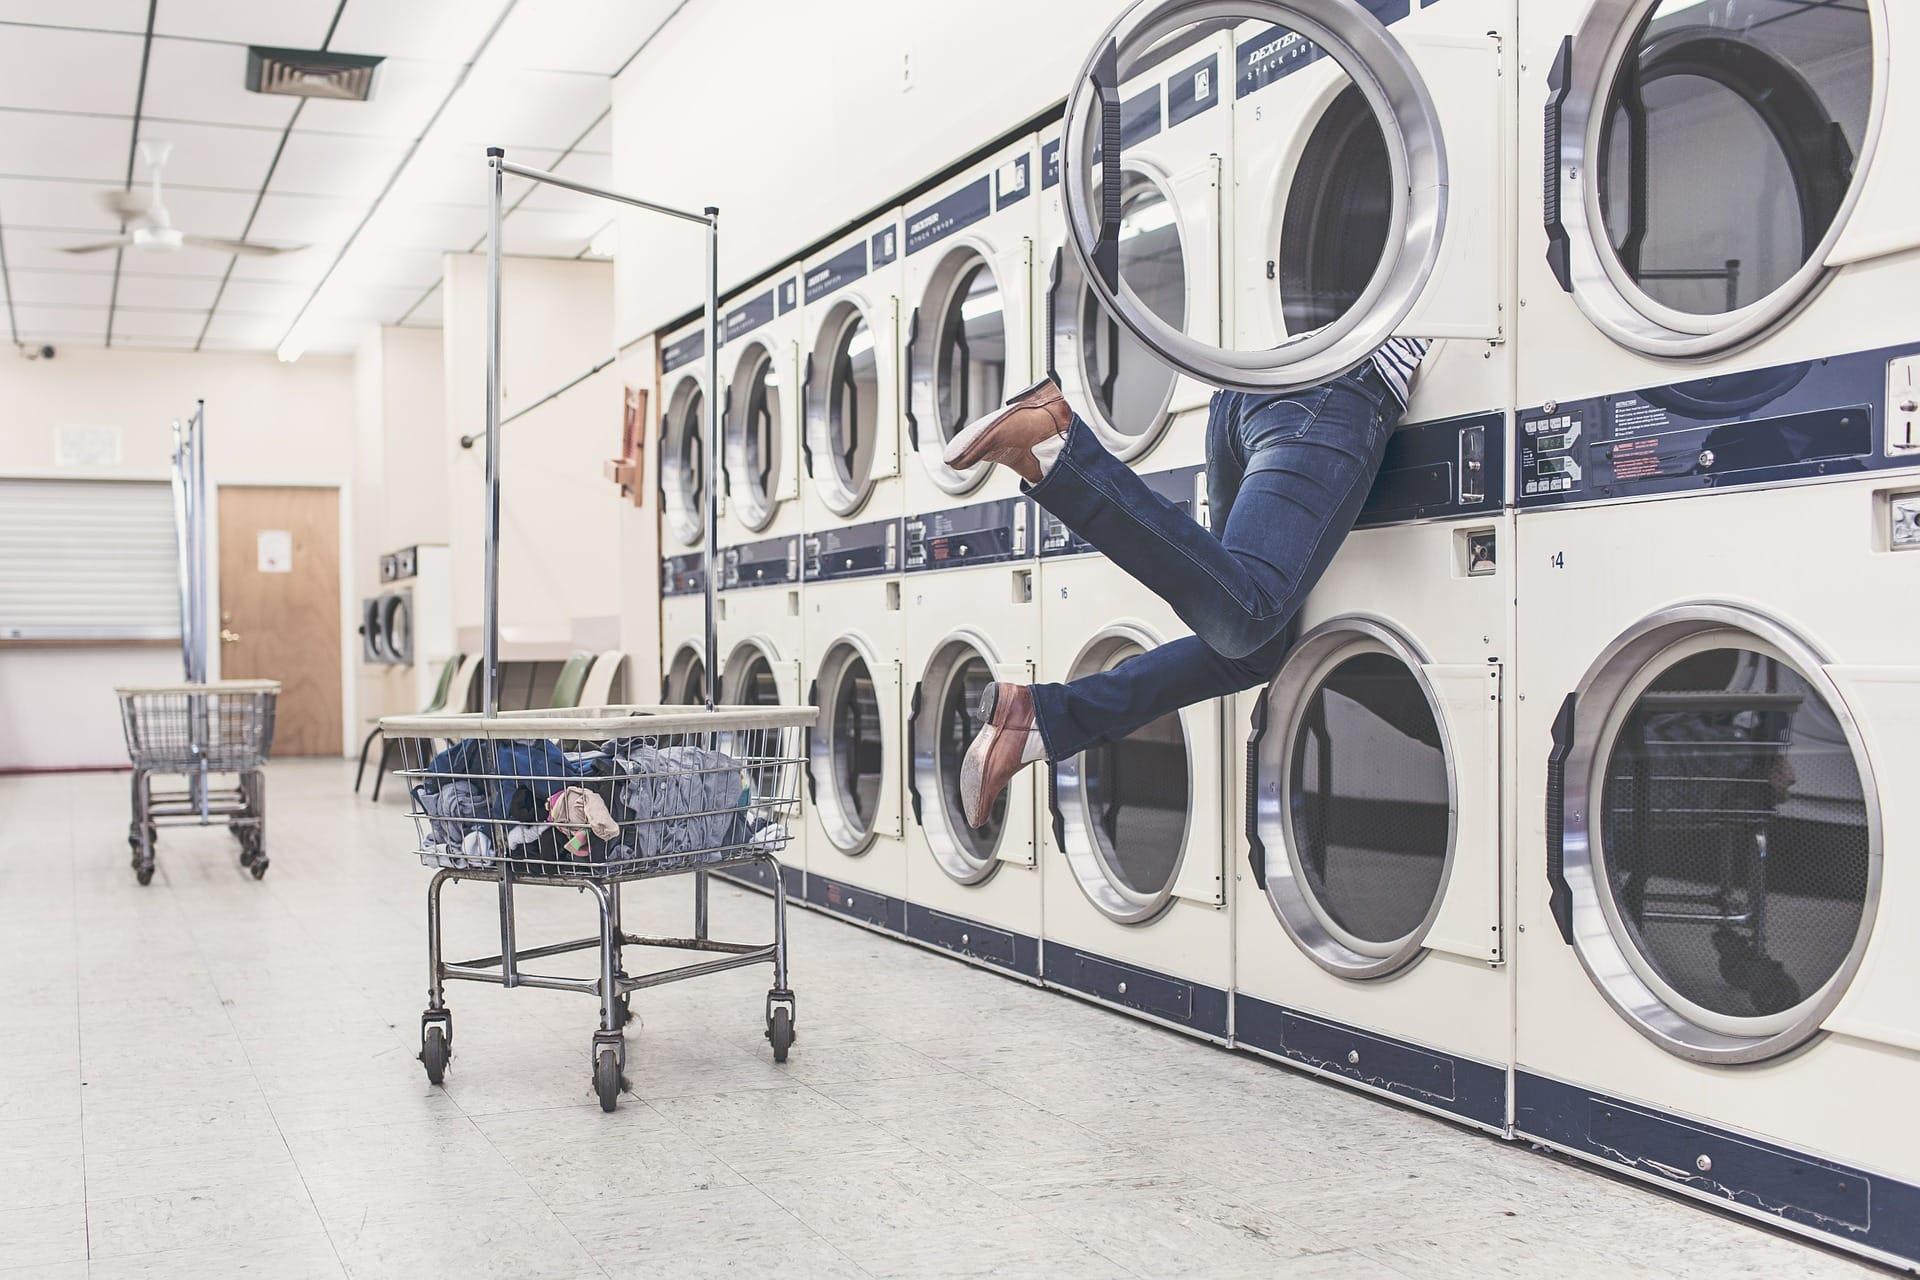 Mensch steckt Kopf in eine Waschmaschine um nach der Lösung für ein Problem zu suchen. Daneben steht ein Einkaufswagen mit Wäsche.